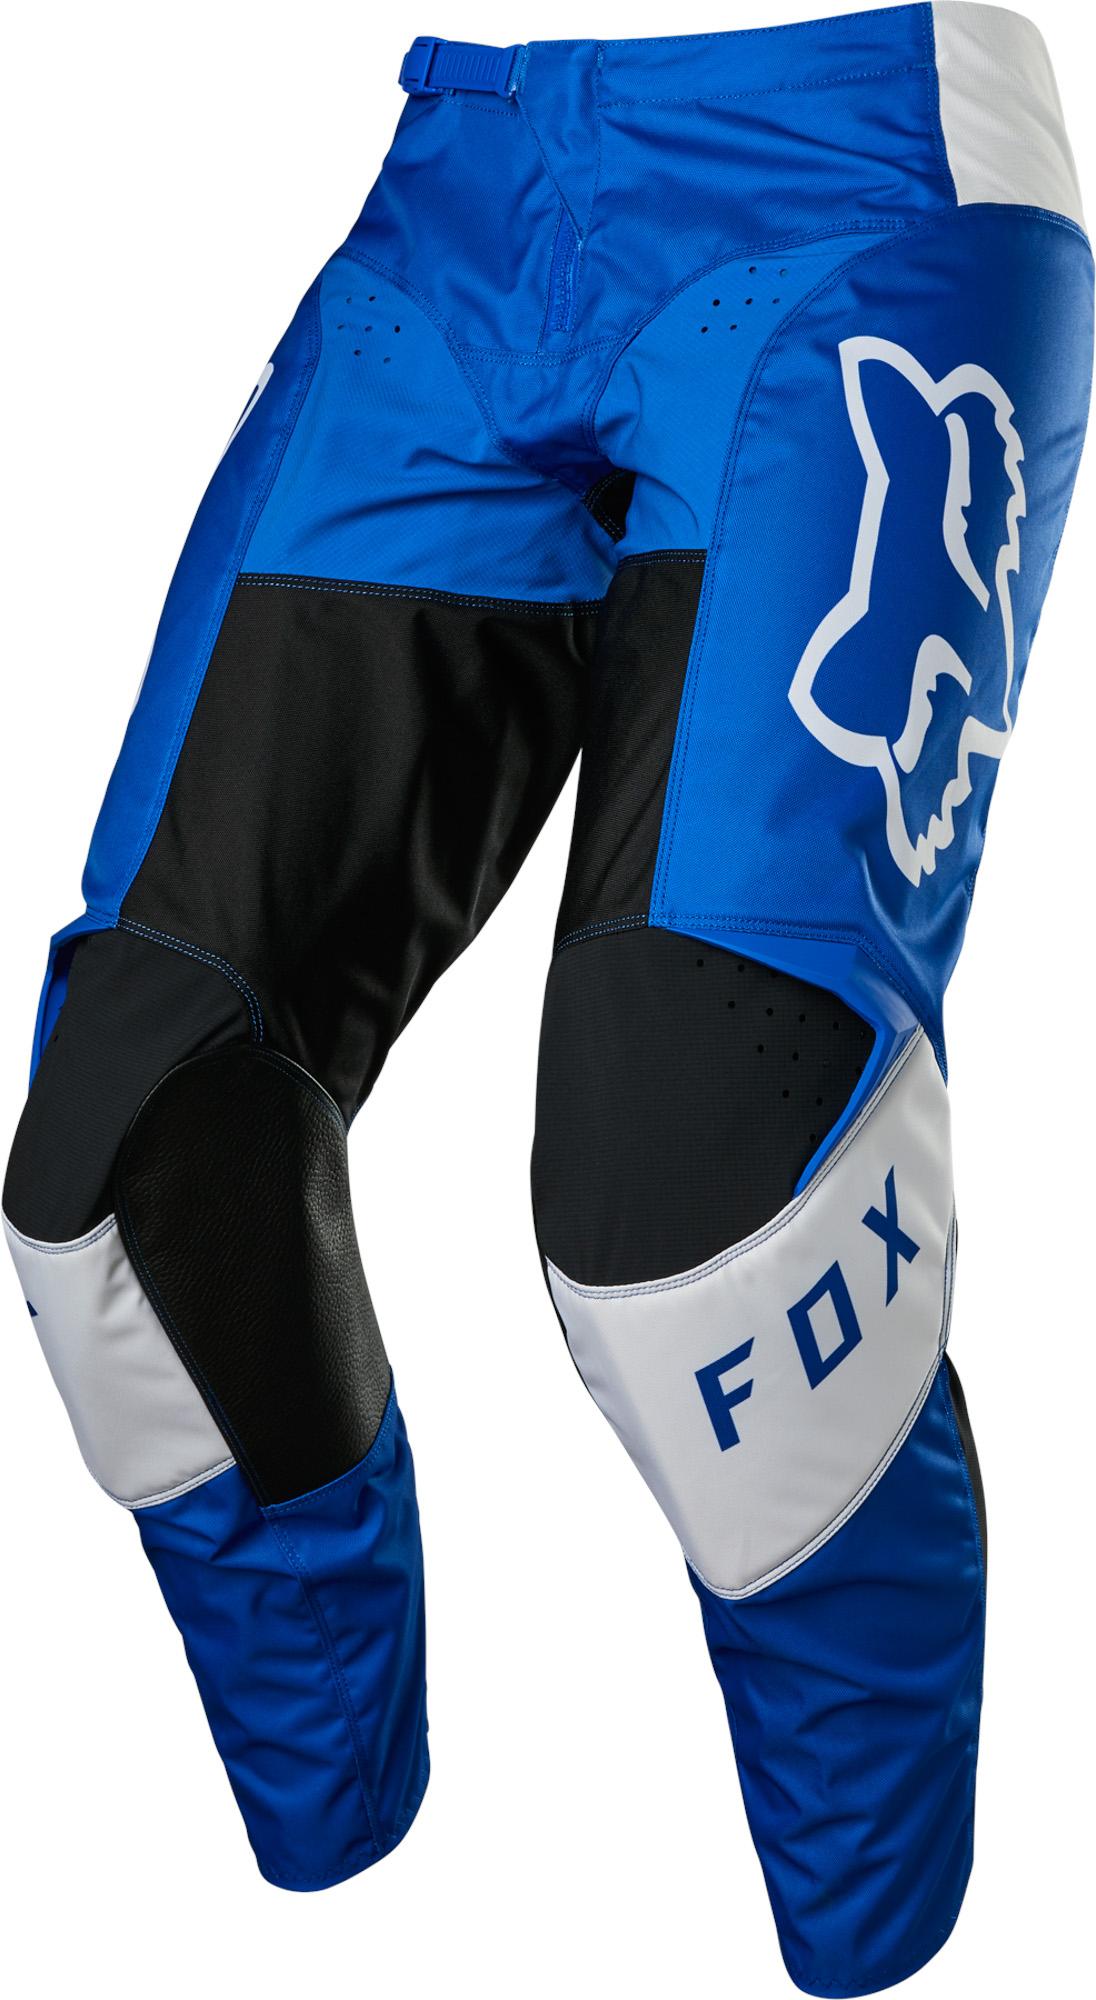 FOX 180 Lux Pant - Blue MX22